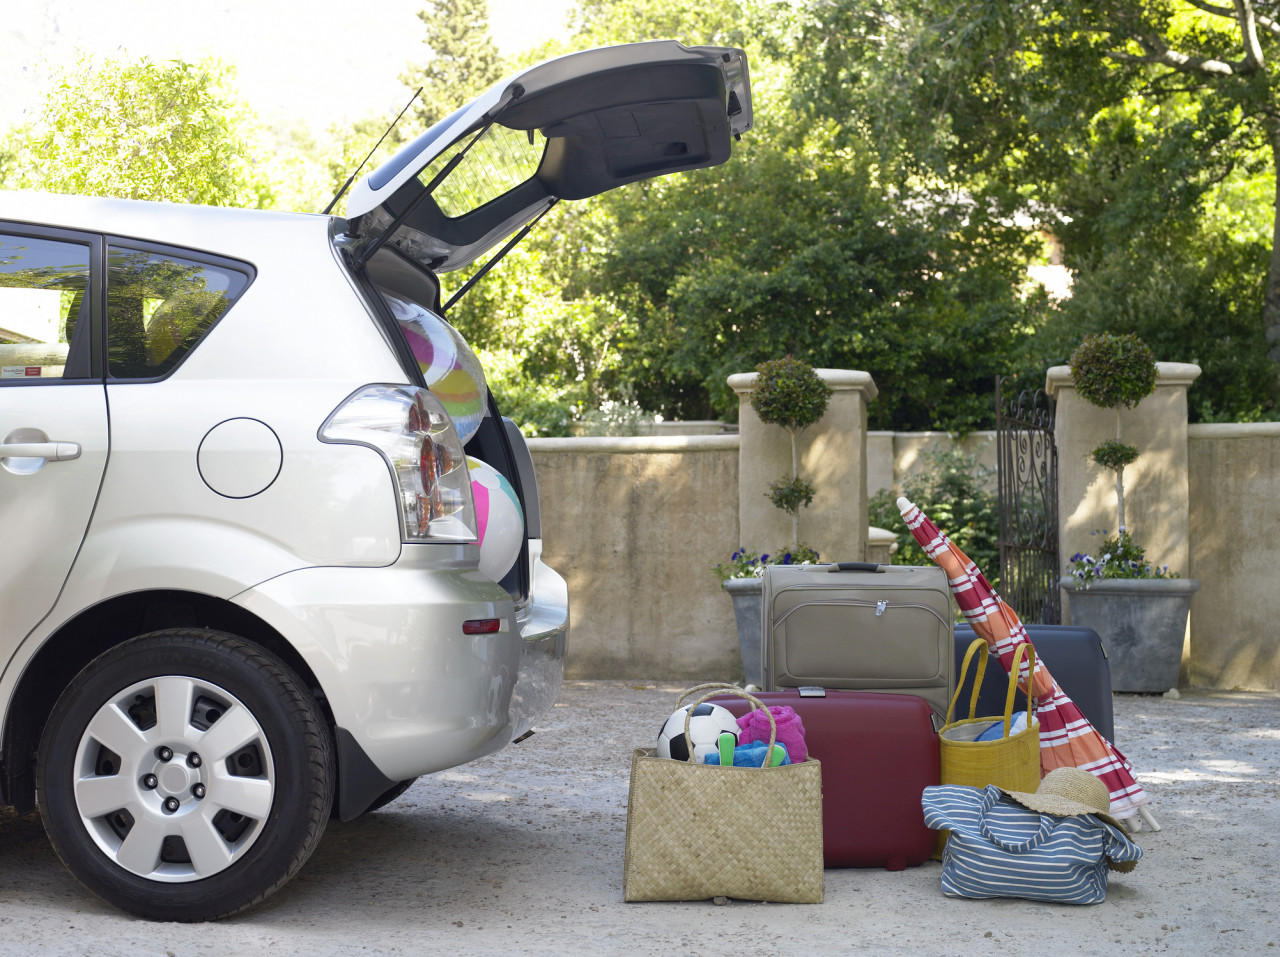 Comment optimiser le rangement de son coffre de voiture avant un départ ?